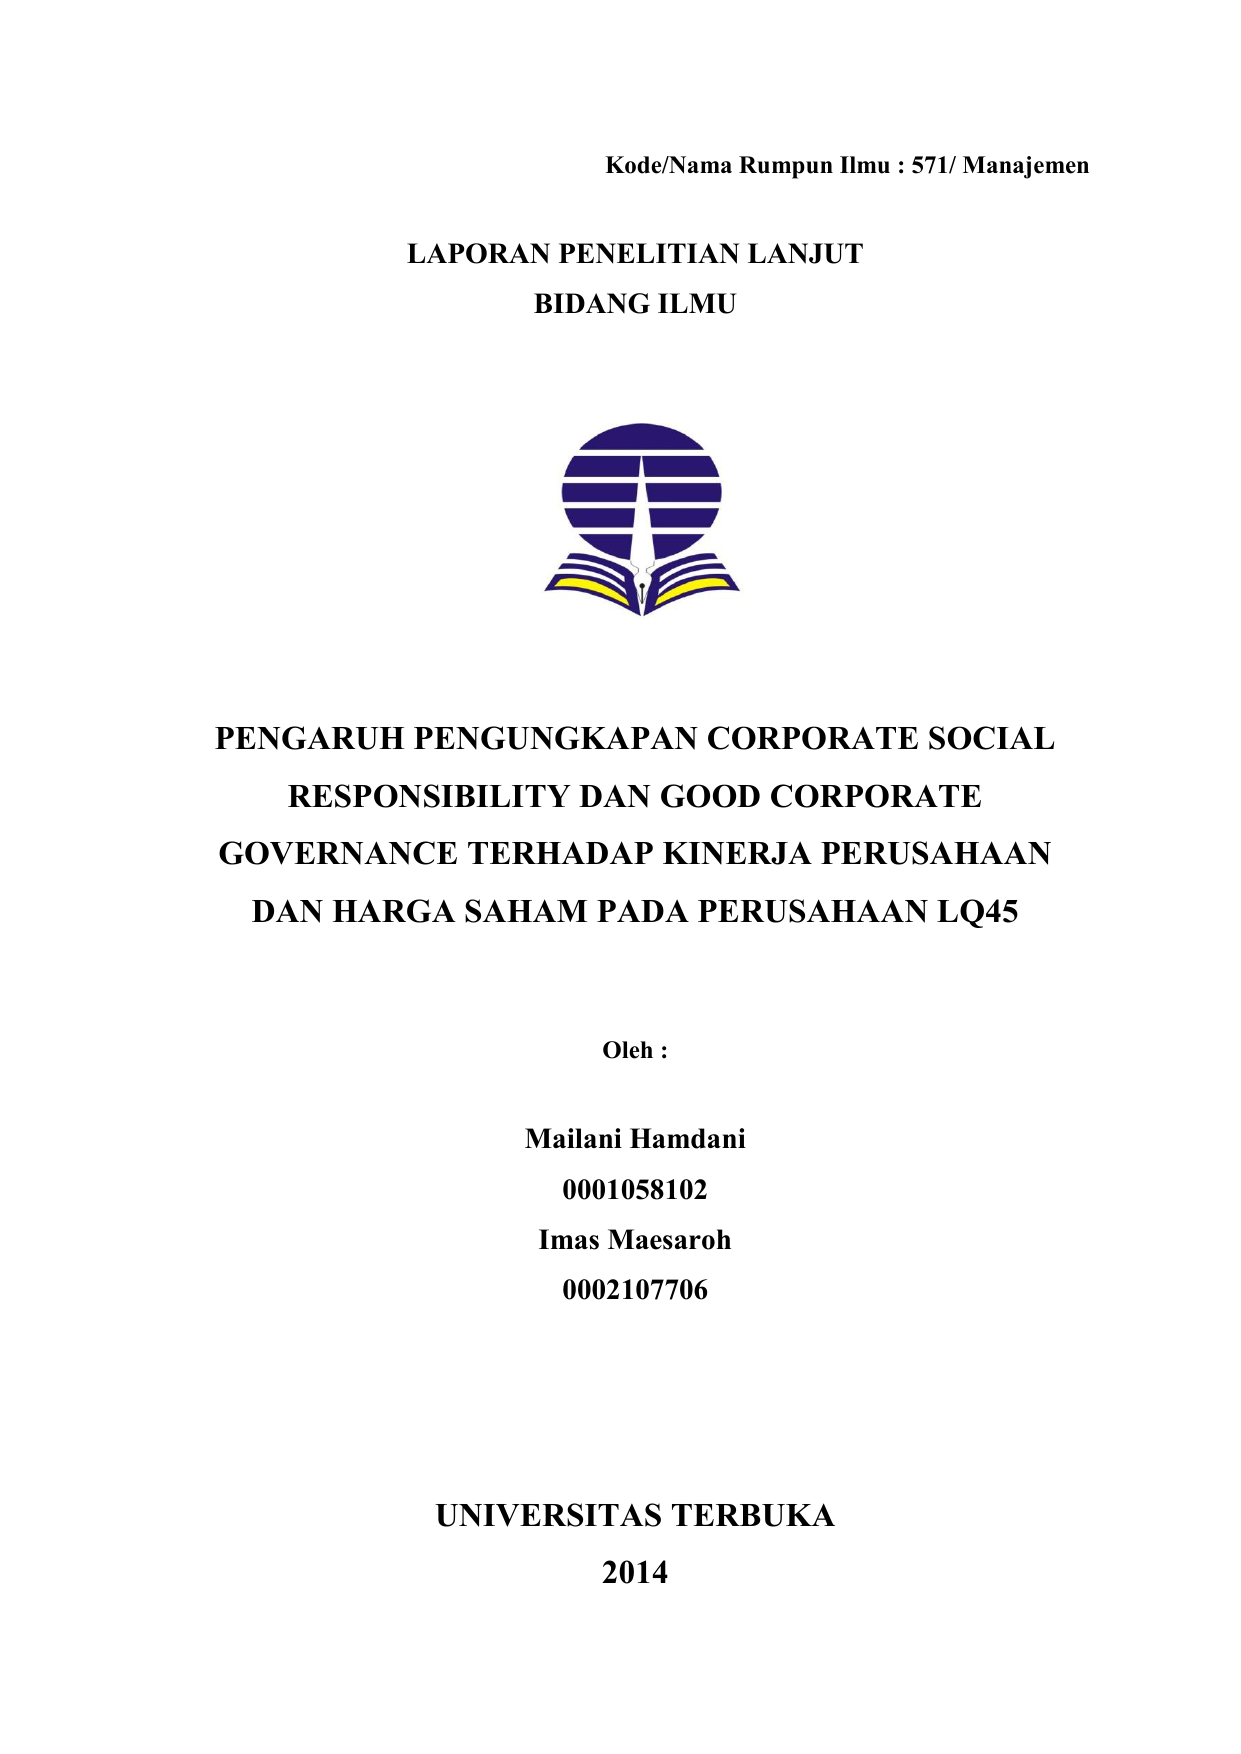 Judul Skripsi Tentang Good Corporate Governance Kumpulan Berbagai Skripsi